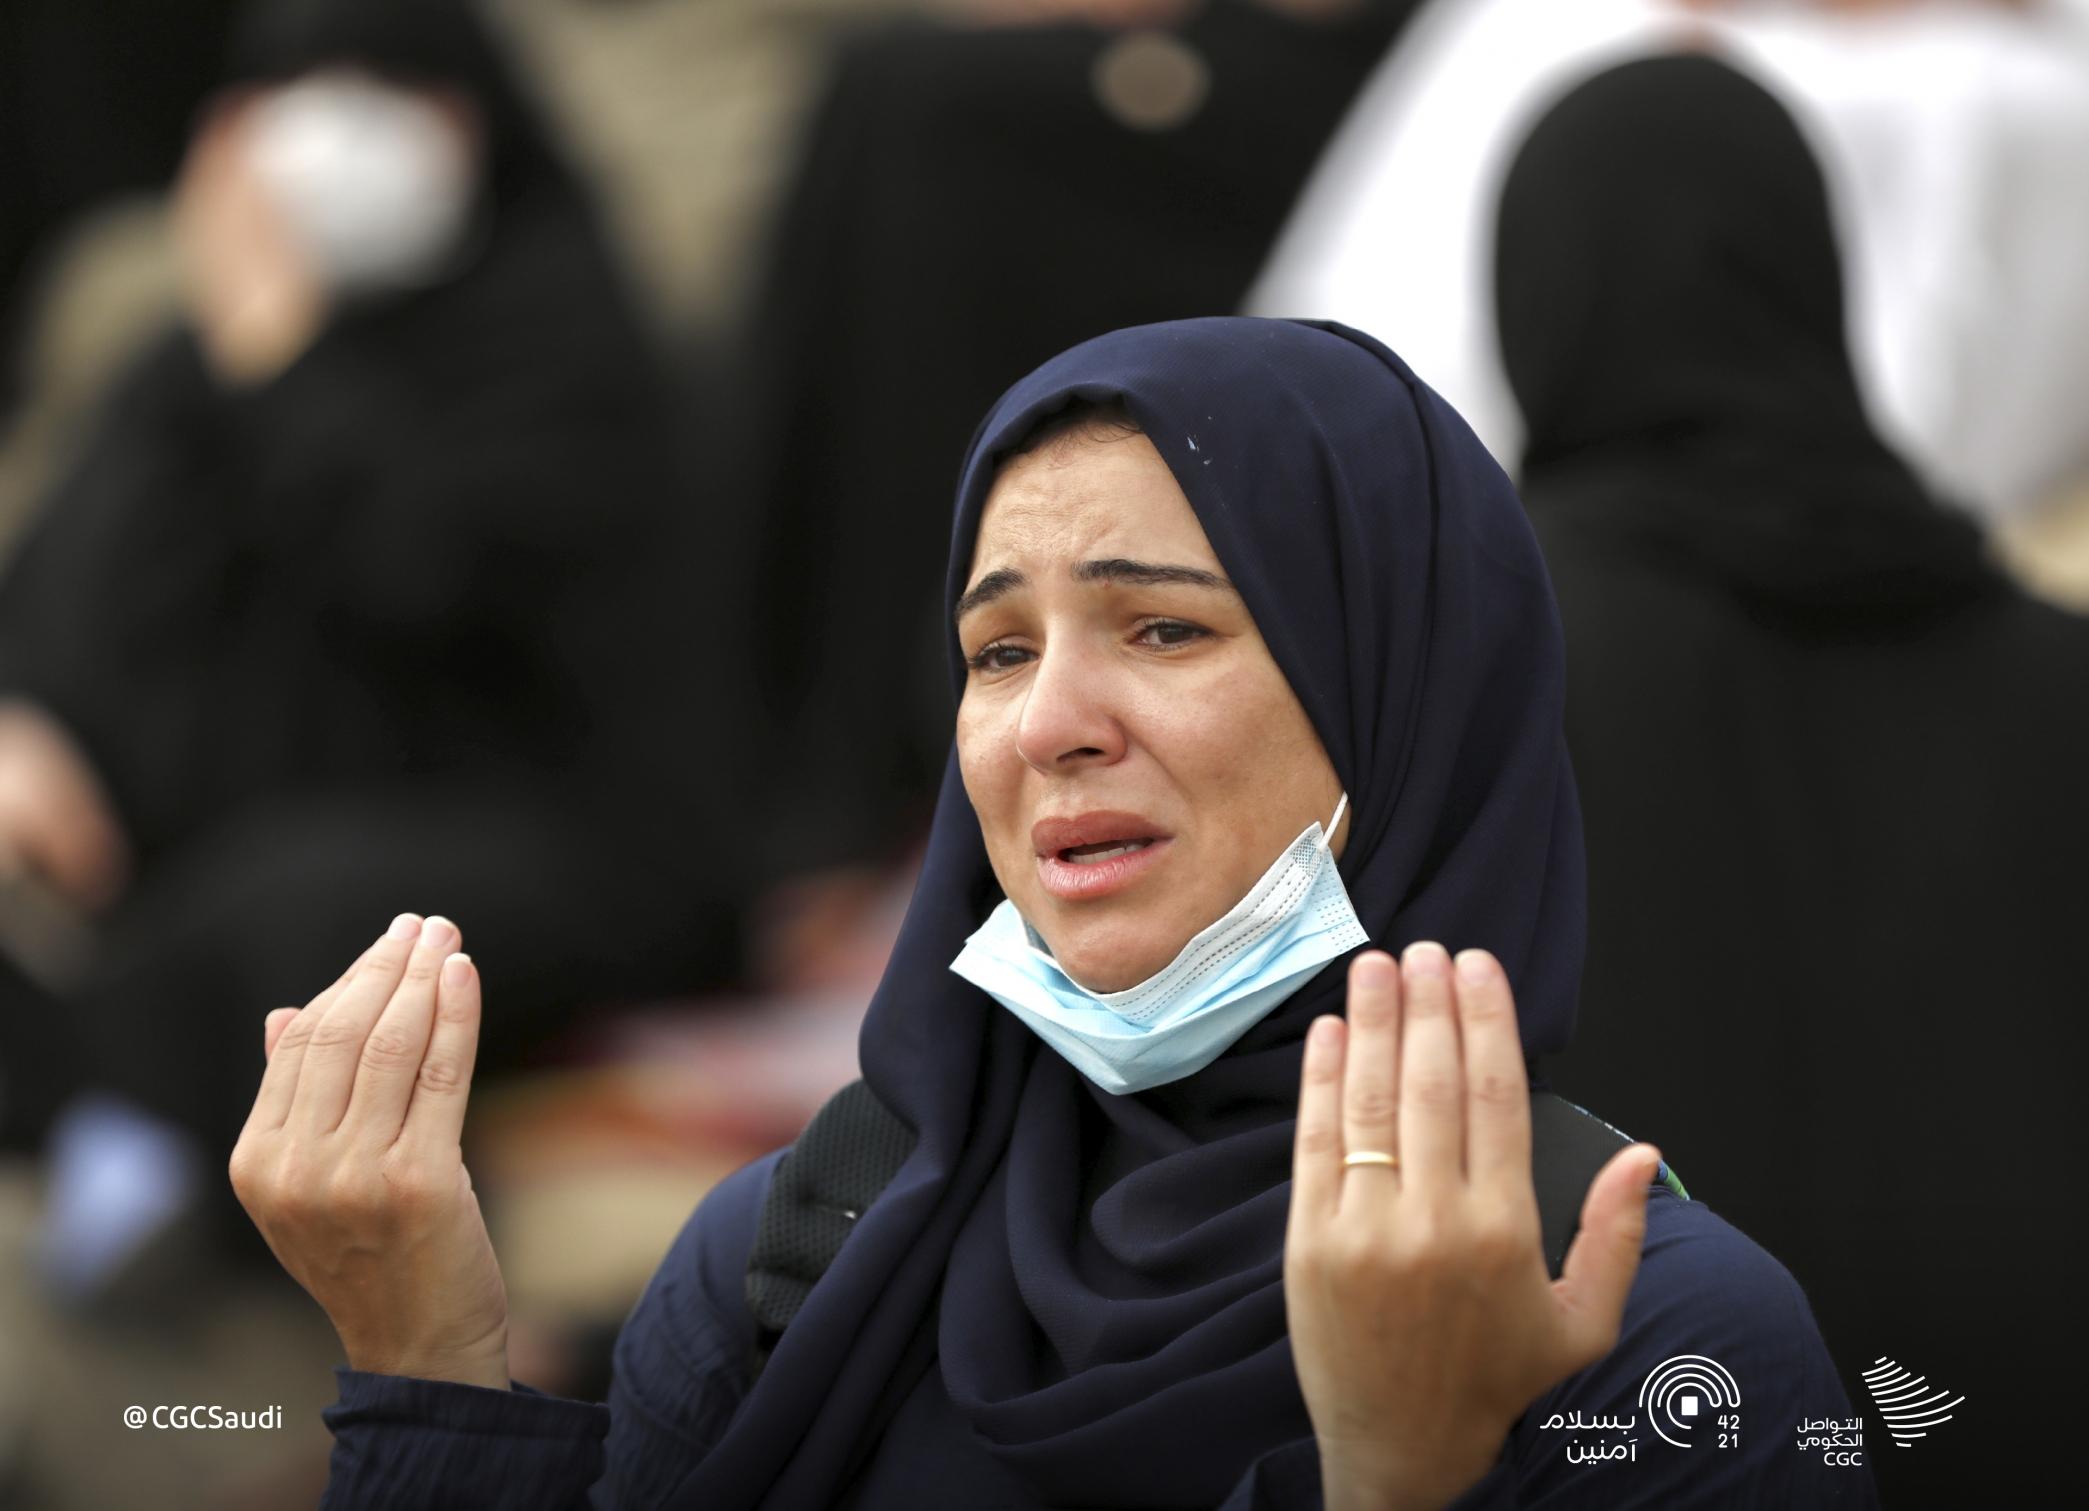 ضيوف الرحمن يودعون صعيد عرفات بالدموع - المواطن